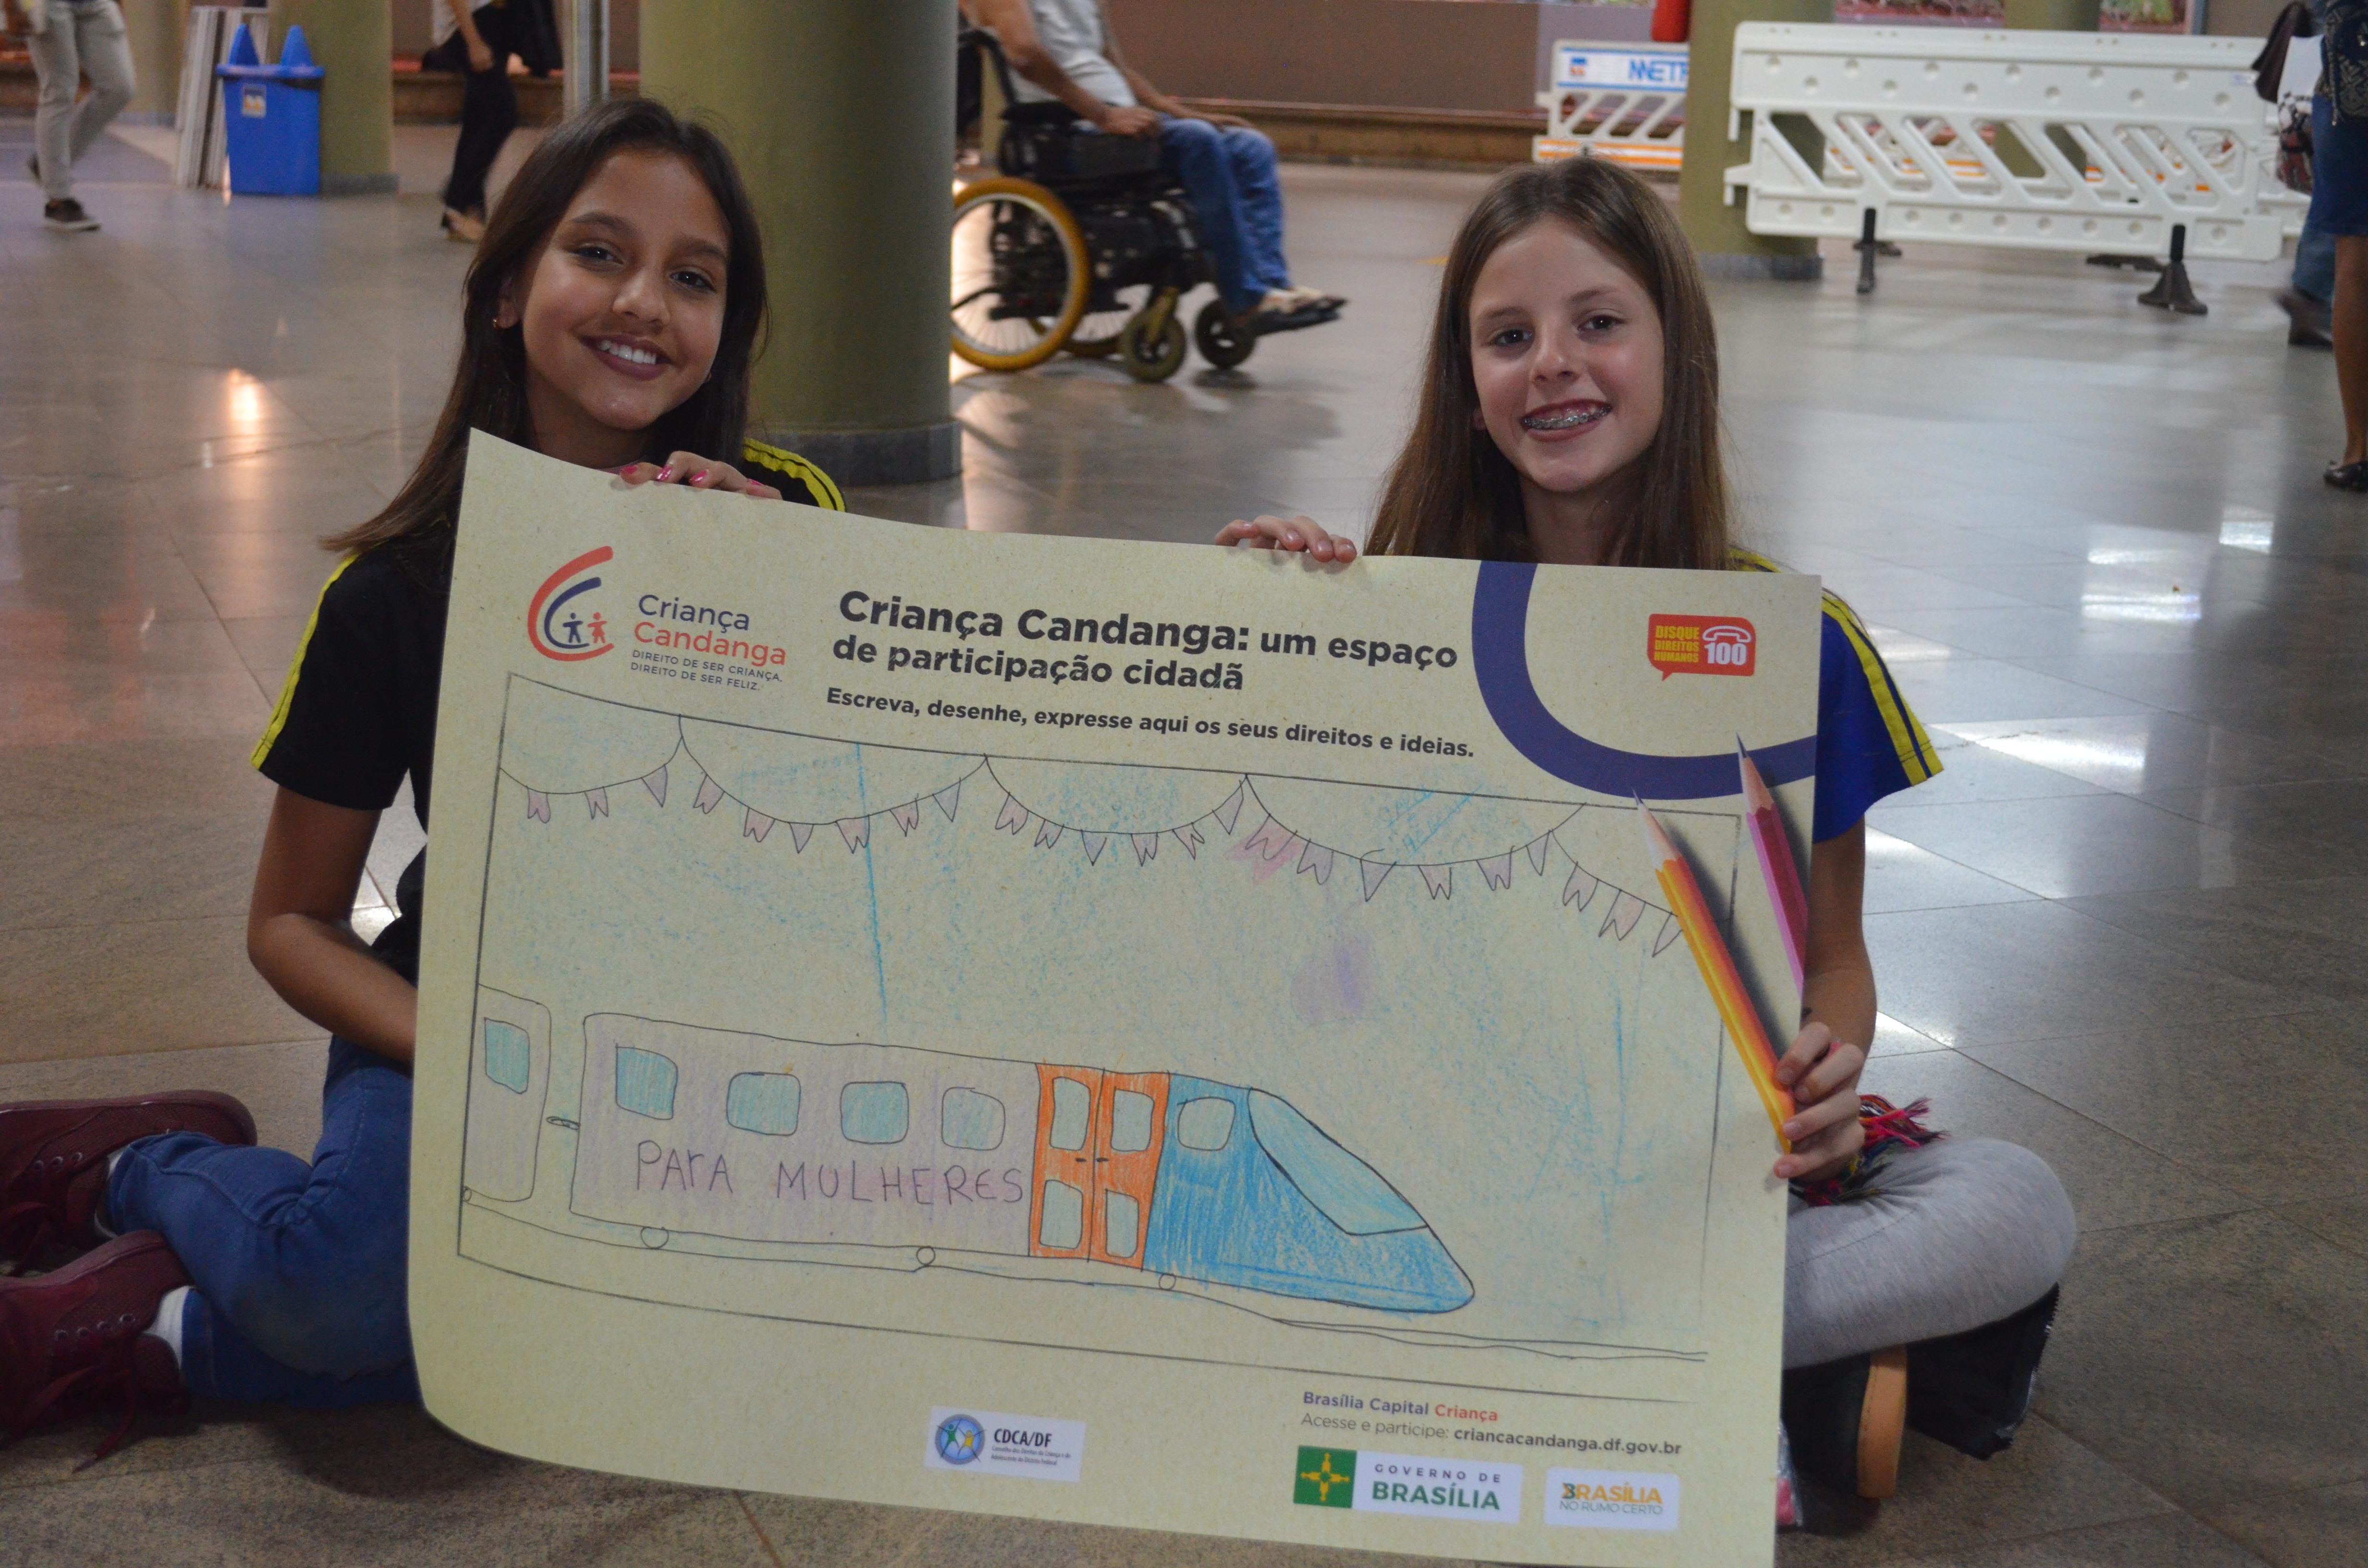 """Plano de Trabalho e Termo de Cooperação Técnica para formalização do Espaço Criança Candanga Cultural na Estação Central do Metrô, foram assinados. No dia 20/06/2018 aconteceu a primeira atividade, com uma visita guiada, coordenada pelo Metrô-DF seguida de atividades para as crianças, no Espaço Criança Candanga da Estação Central. </p> Espaço Criança Candanga (<a href=""""http://www.criancacandanga.df.gov.br/espaco-crianca-candanga/"""">link aqui</a>)"""